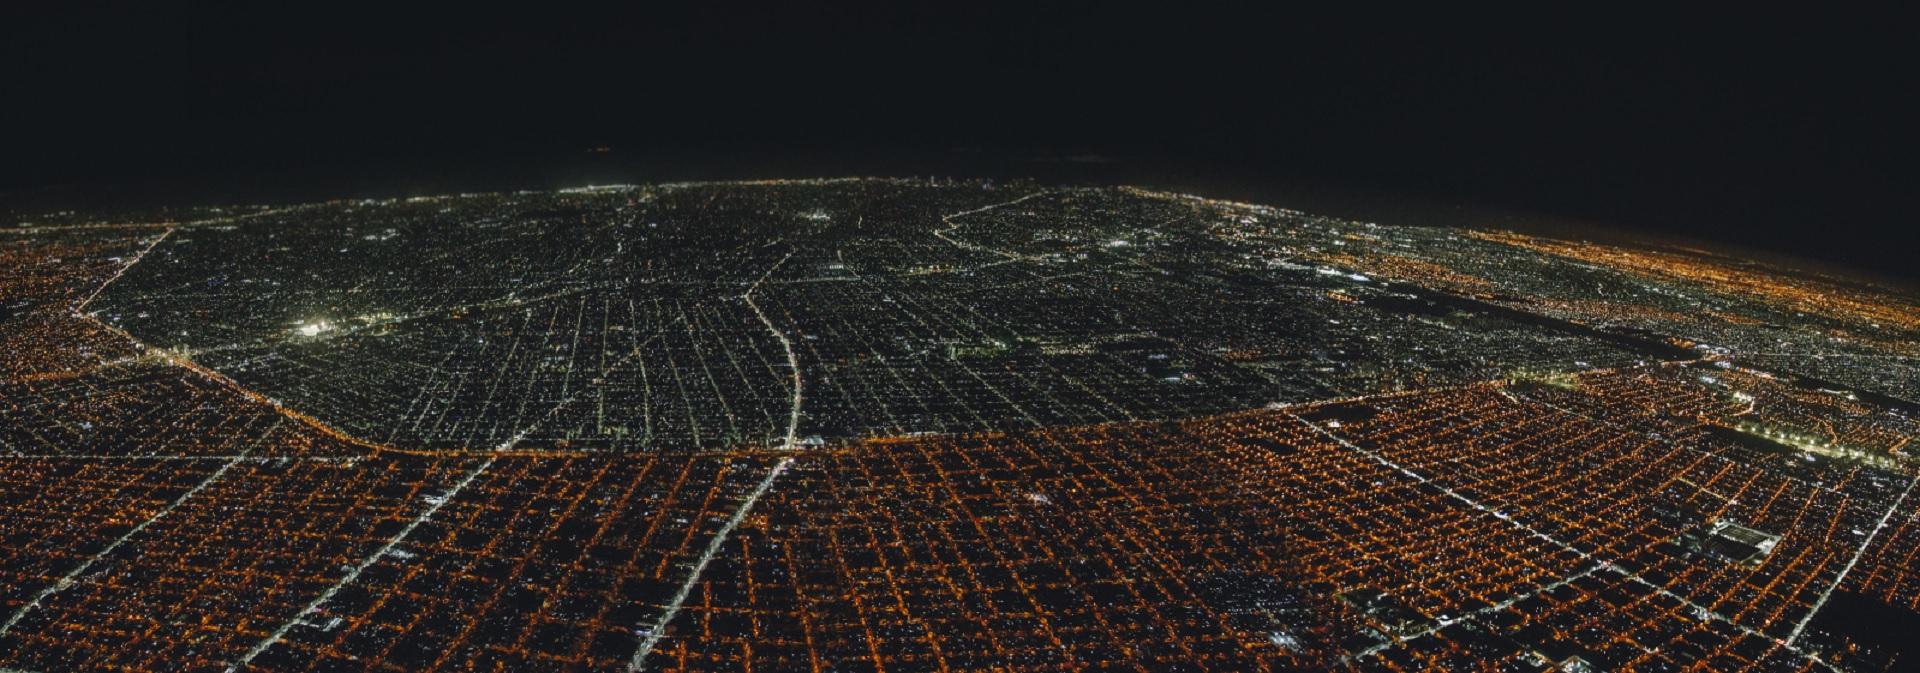 Las luces LED permiten ahorrar 50% del consumo de energía (Crédito GCBA)